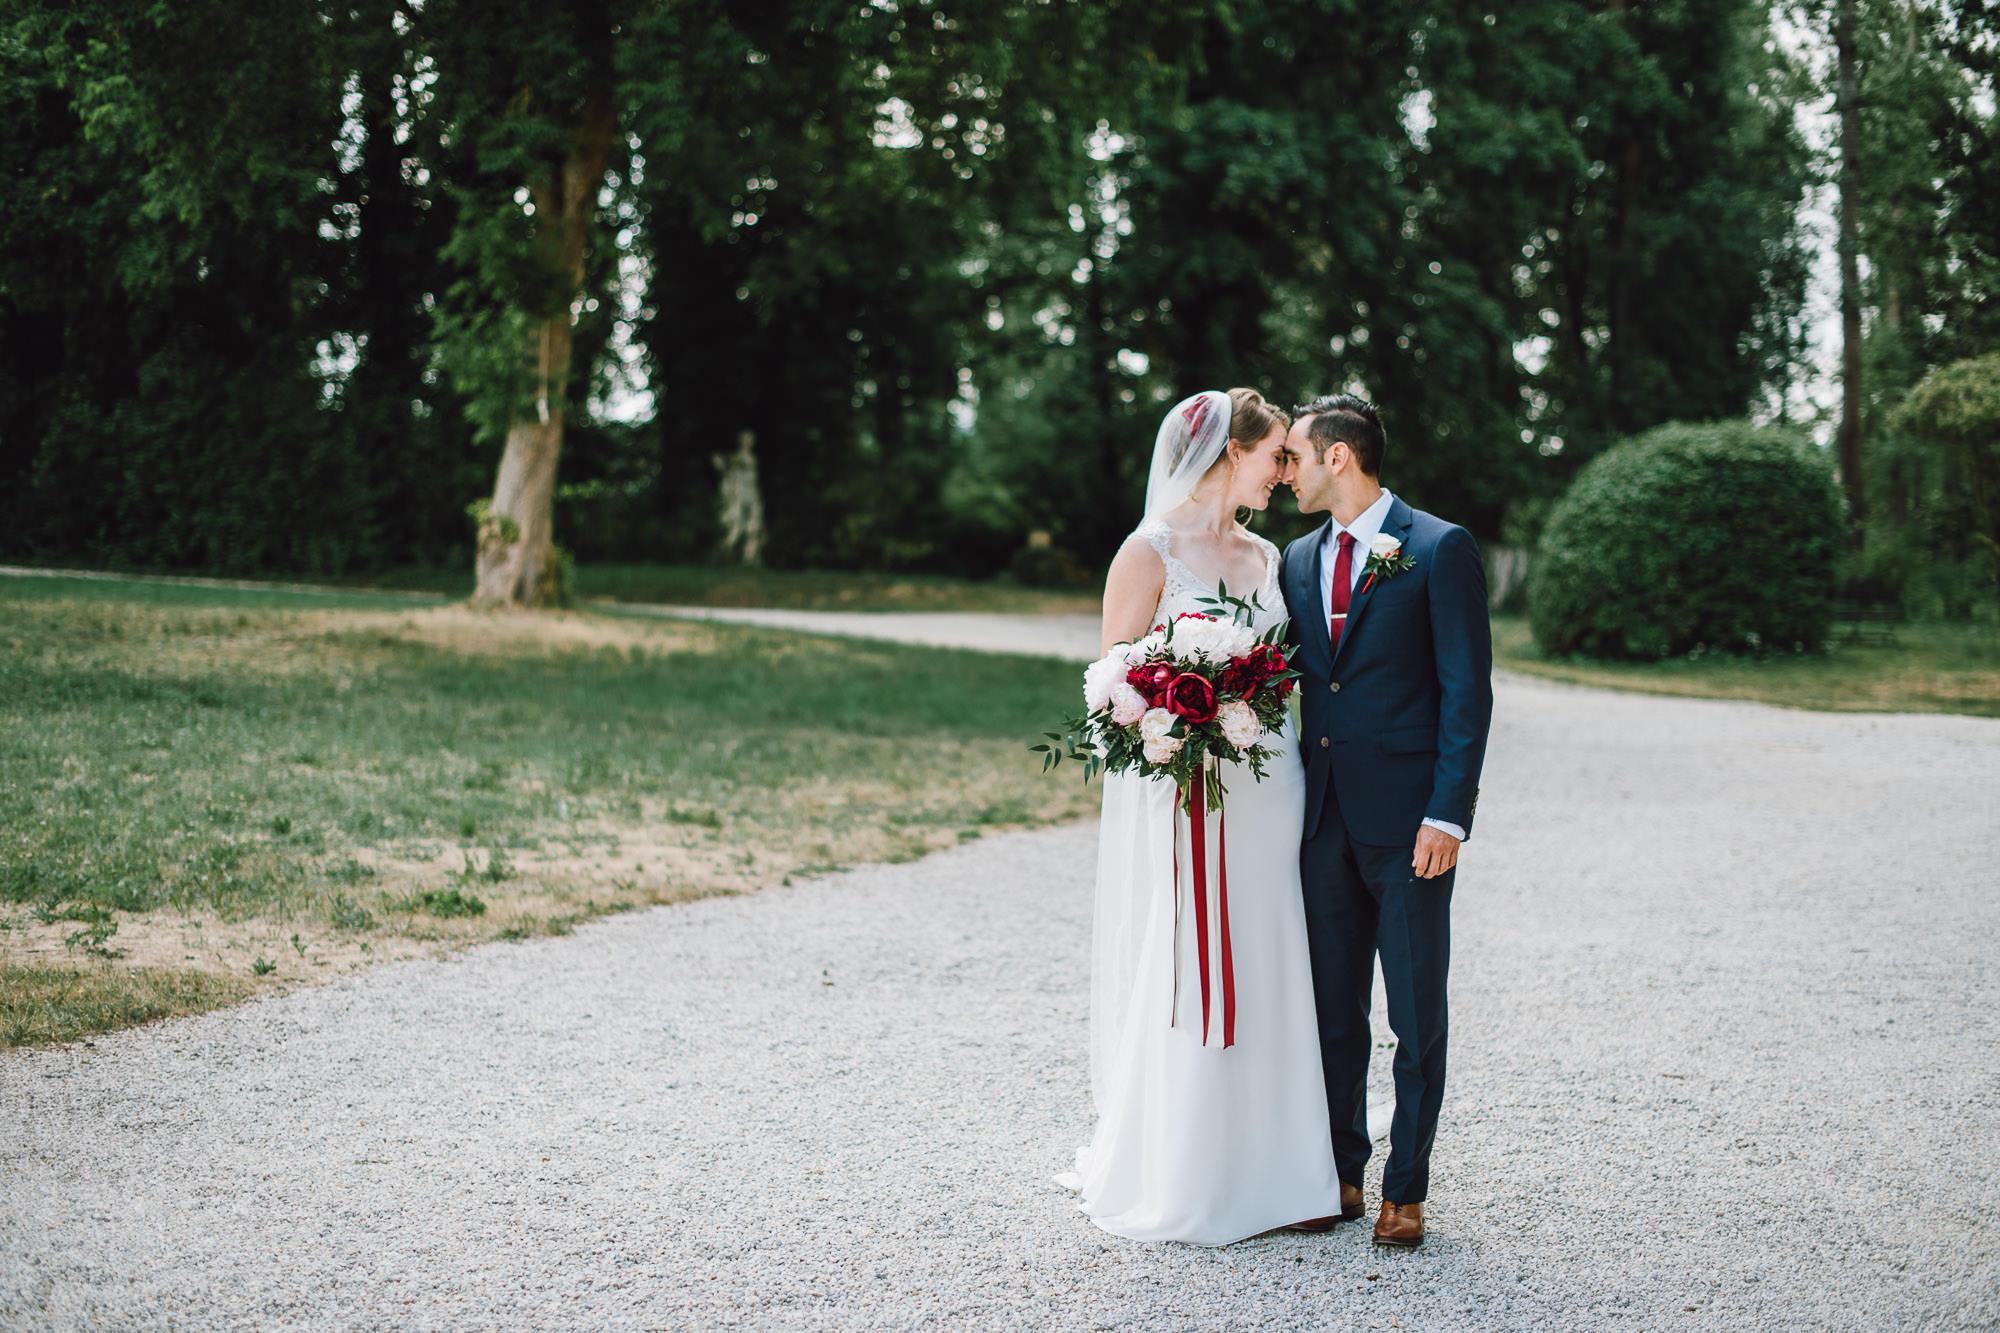 rustic-elegant-wedding-schloss-hochzeit-eyrichshof-franken-bamberg-045